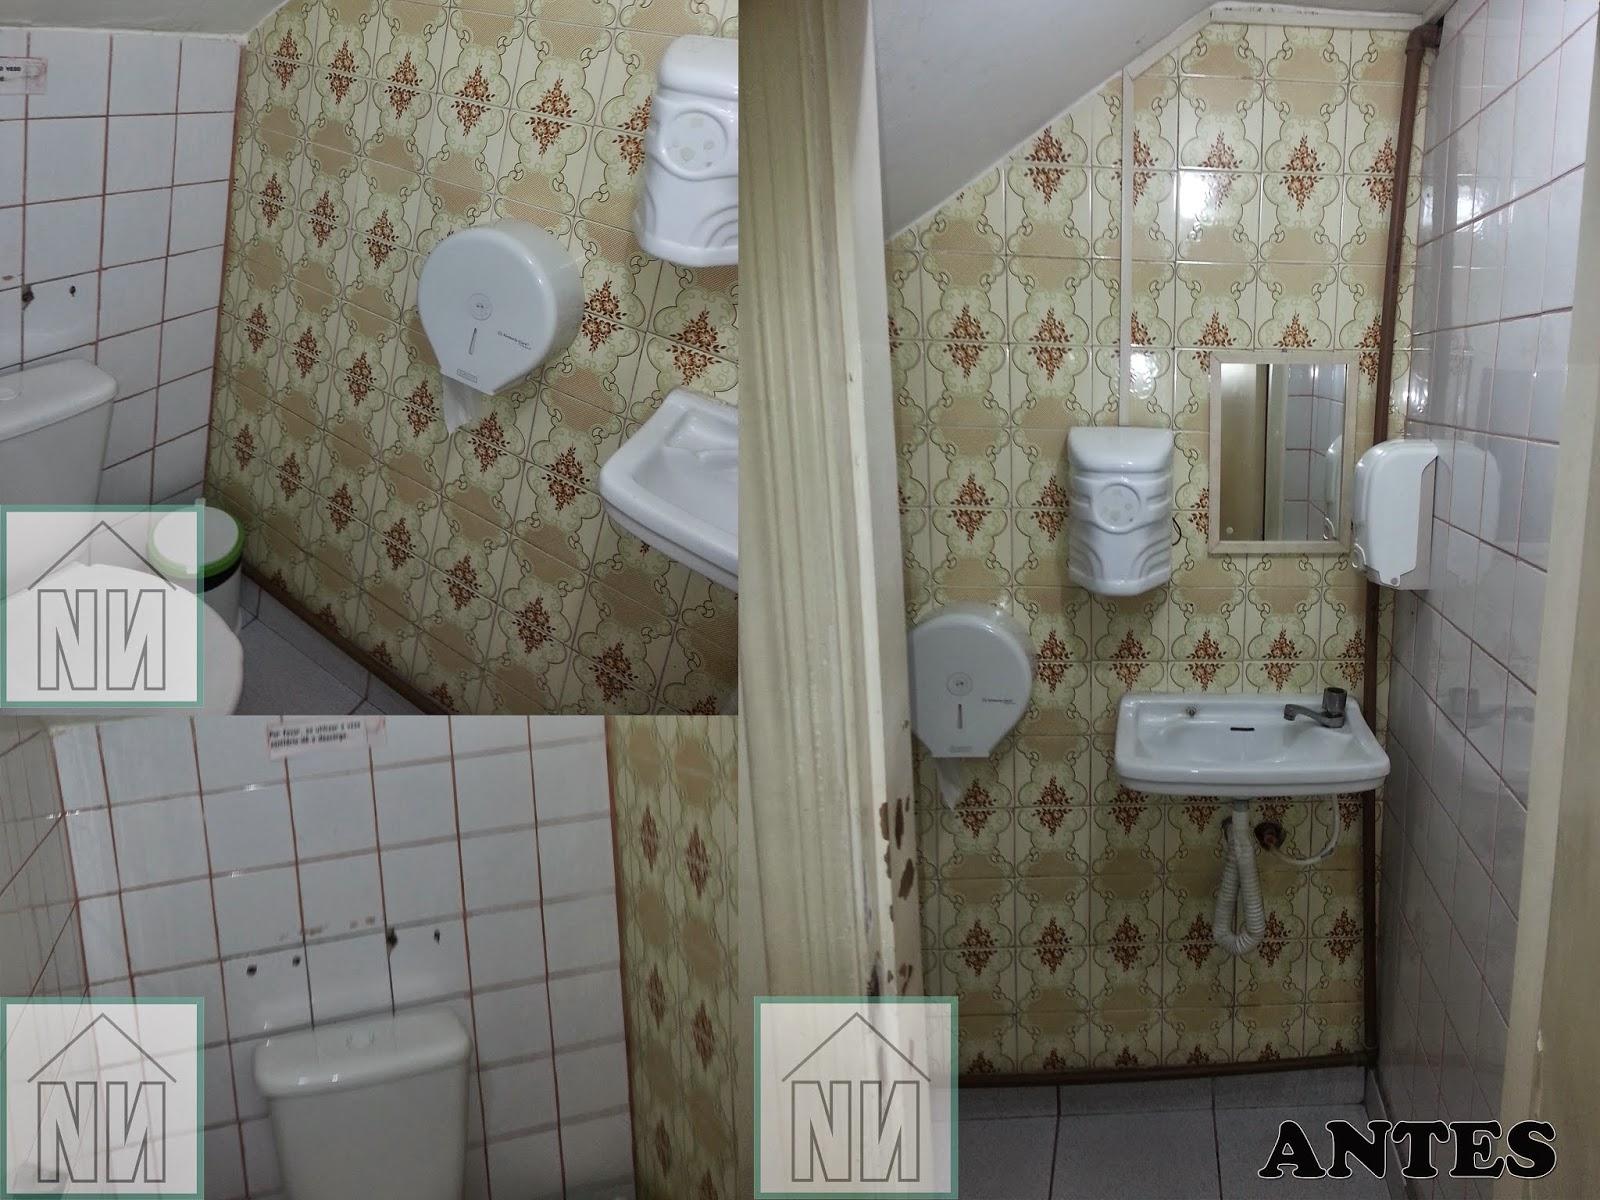 lavabo era pequeno localizado embaixo da escada e atendia à equipe  #5A5041 1600x1200 Arquitetura De Banheiro Simples